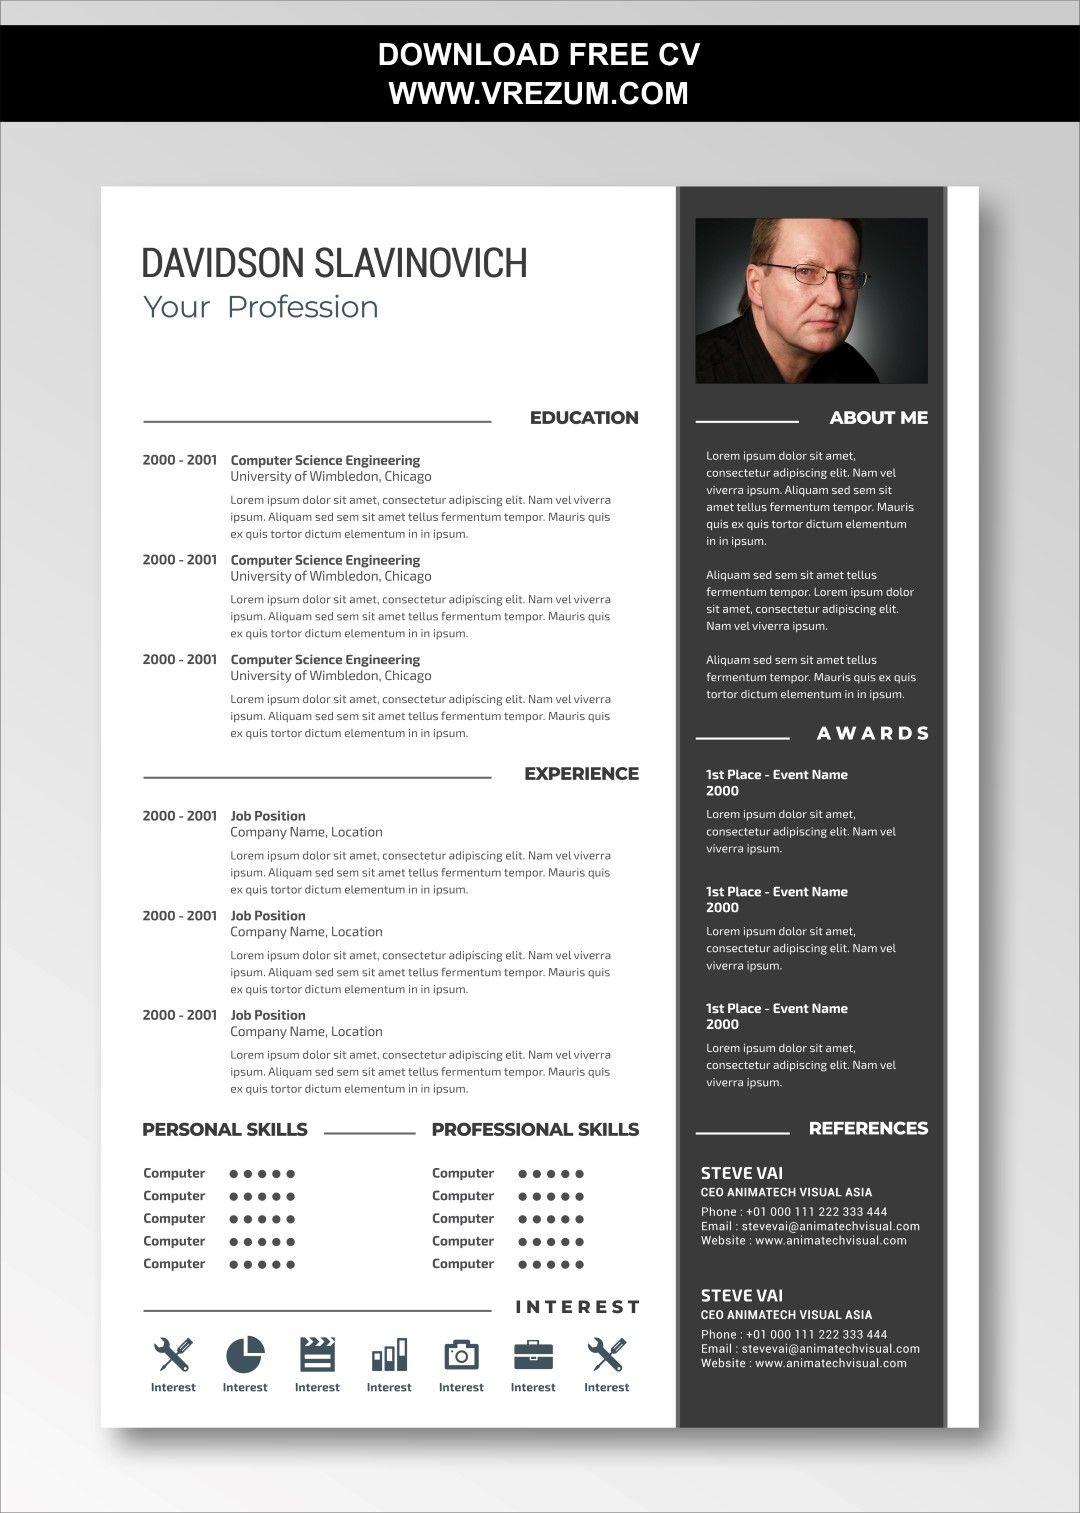 Editable Free Cv Templates For Cabin Crew Cv Template Free Cv Template Cv Templates Free Download